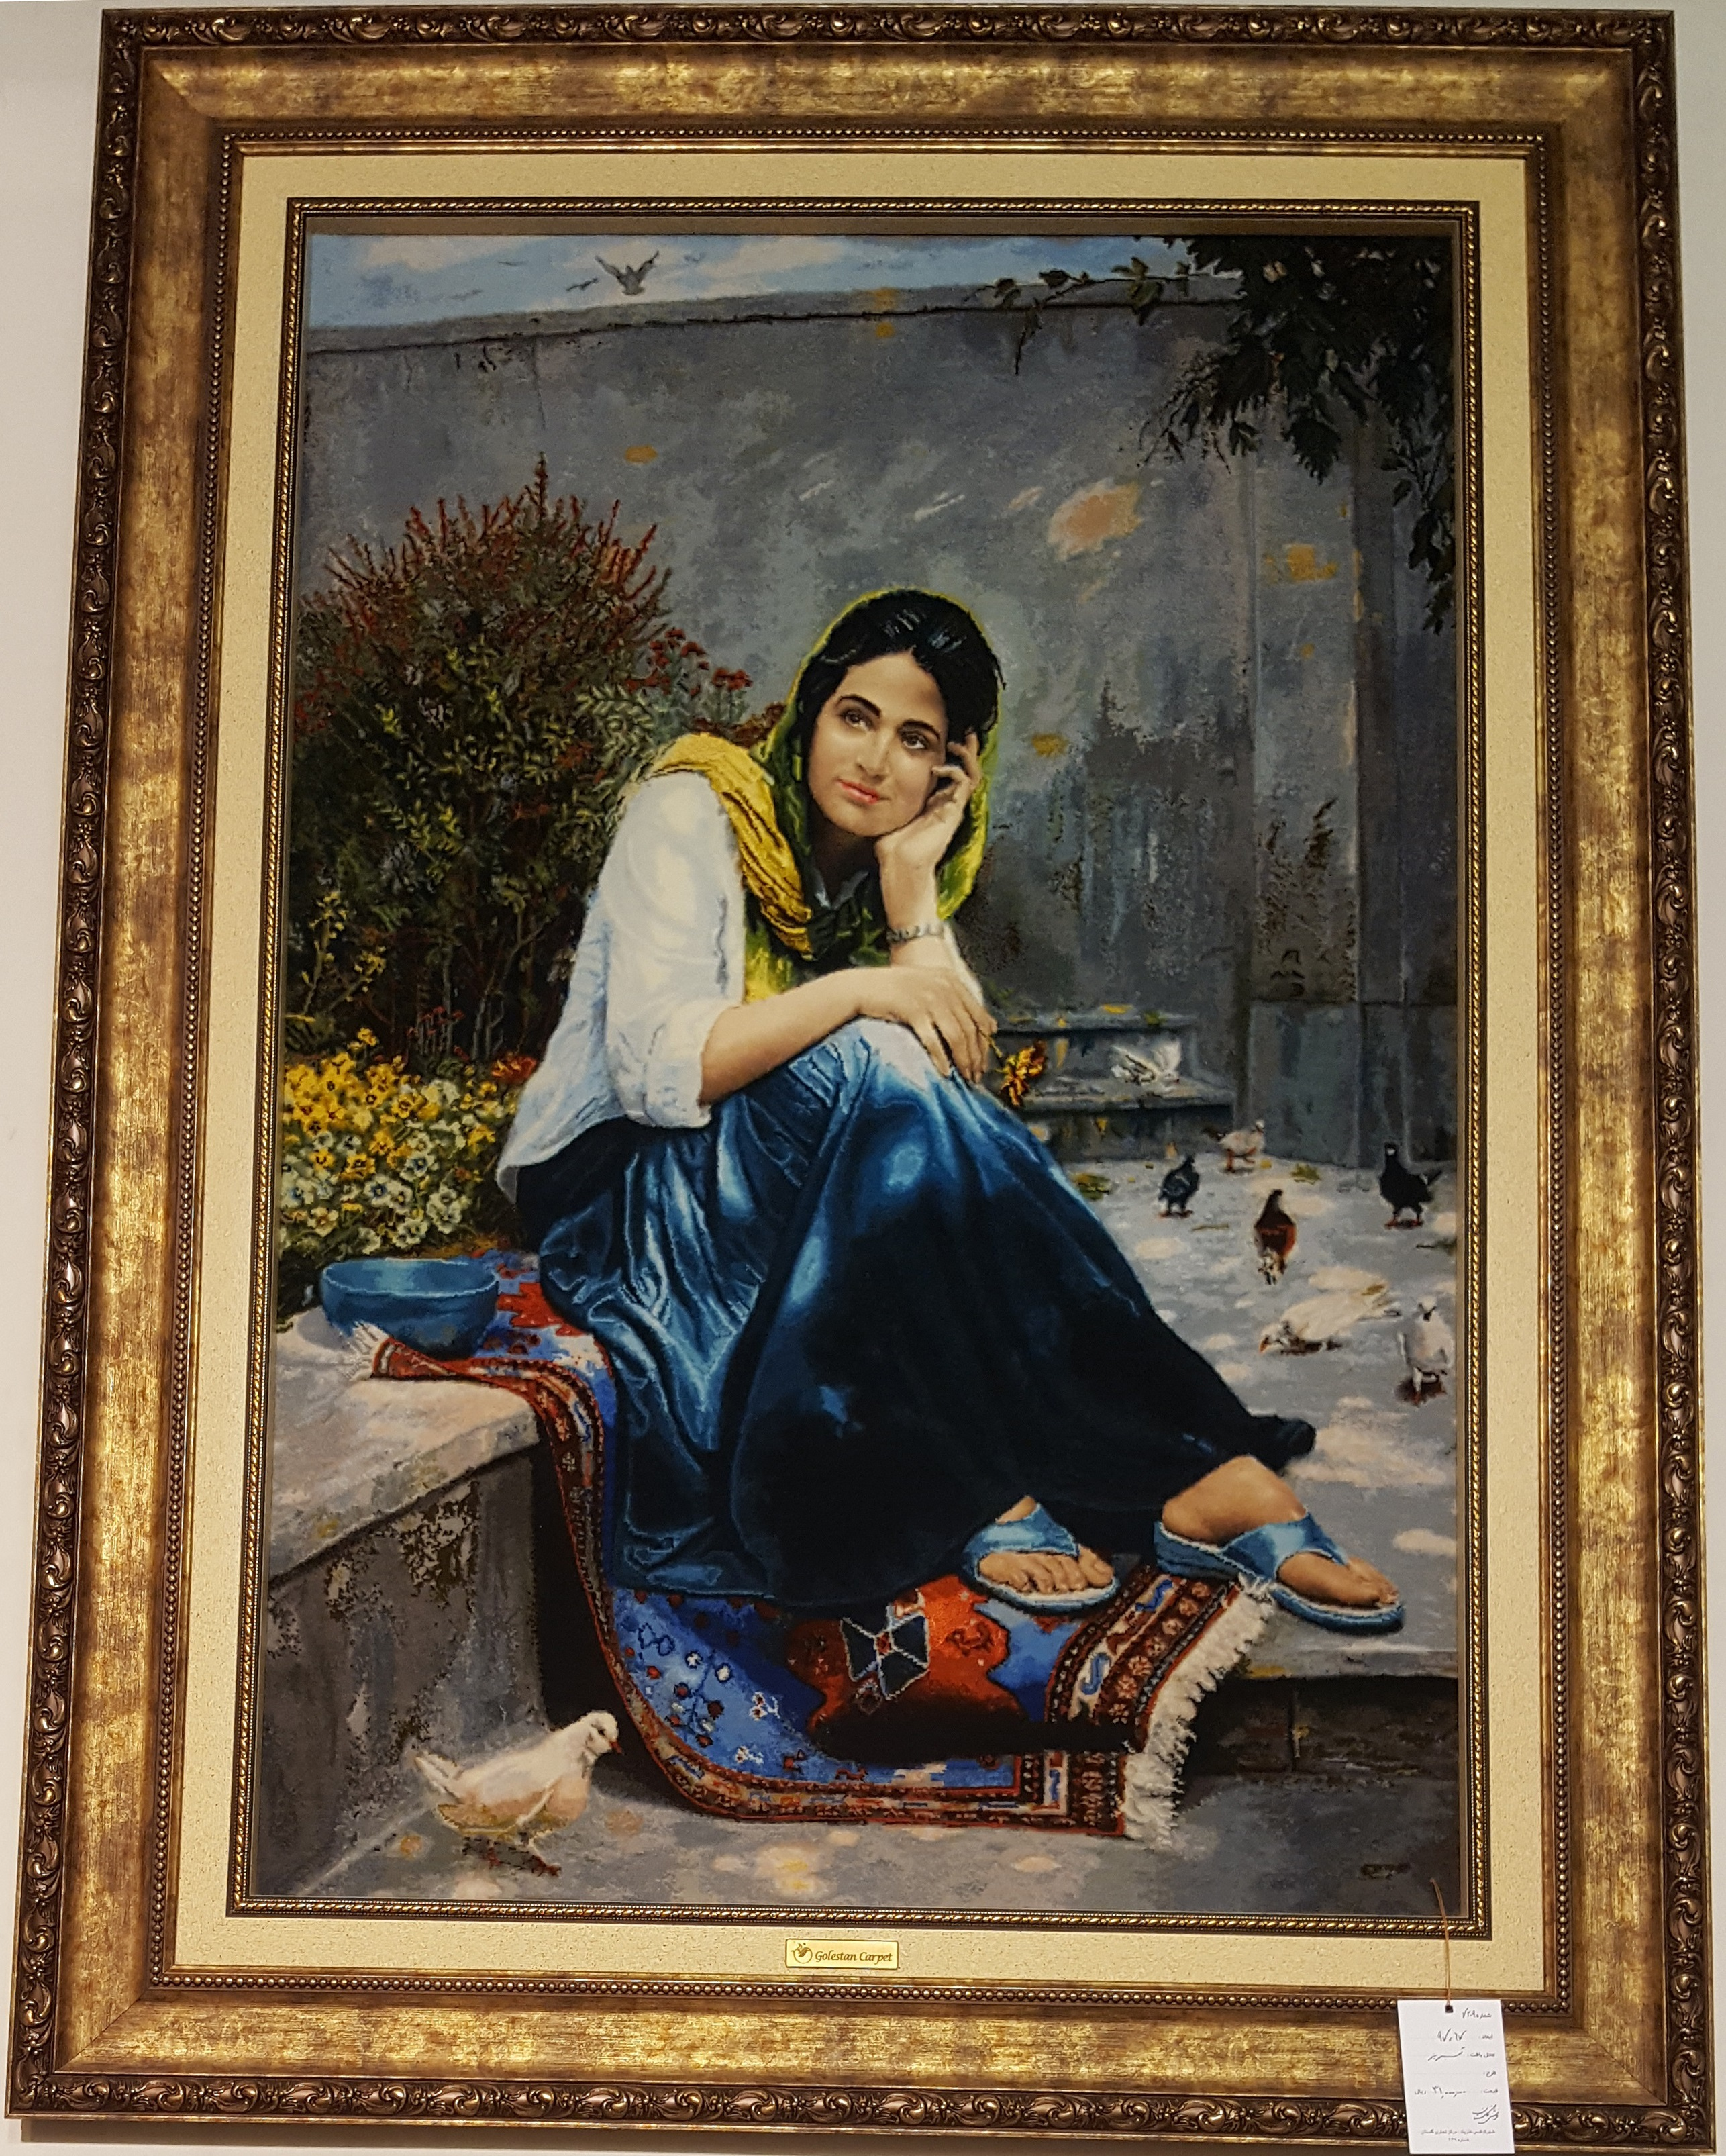 жилище иран в картинах художников причине малолюдности наличия